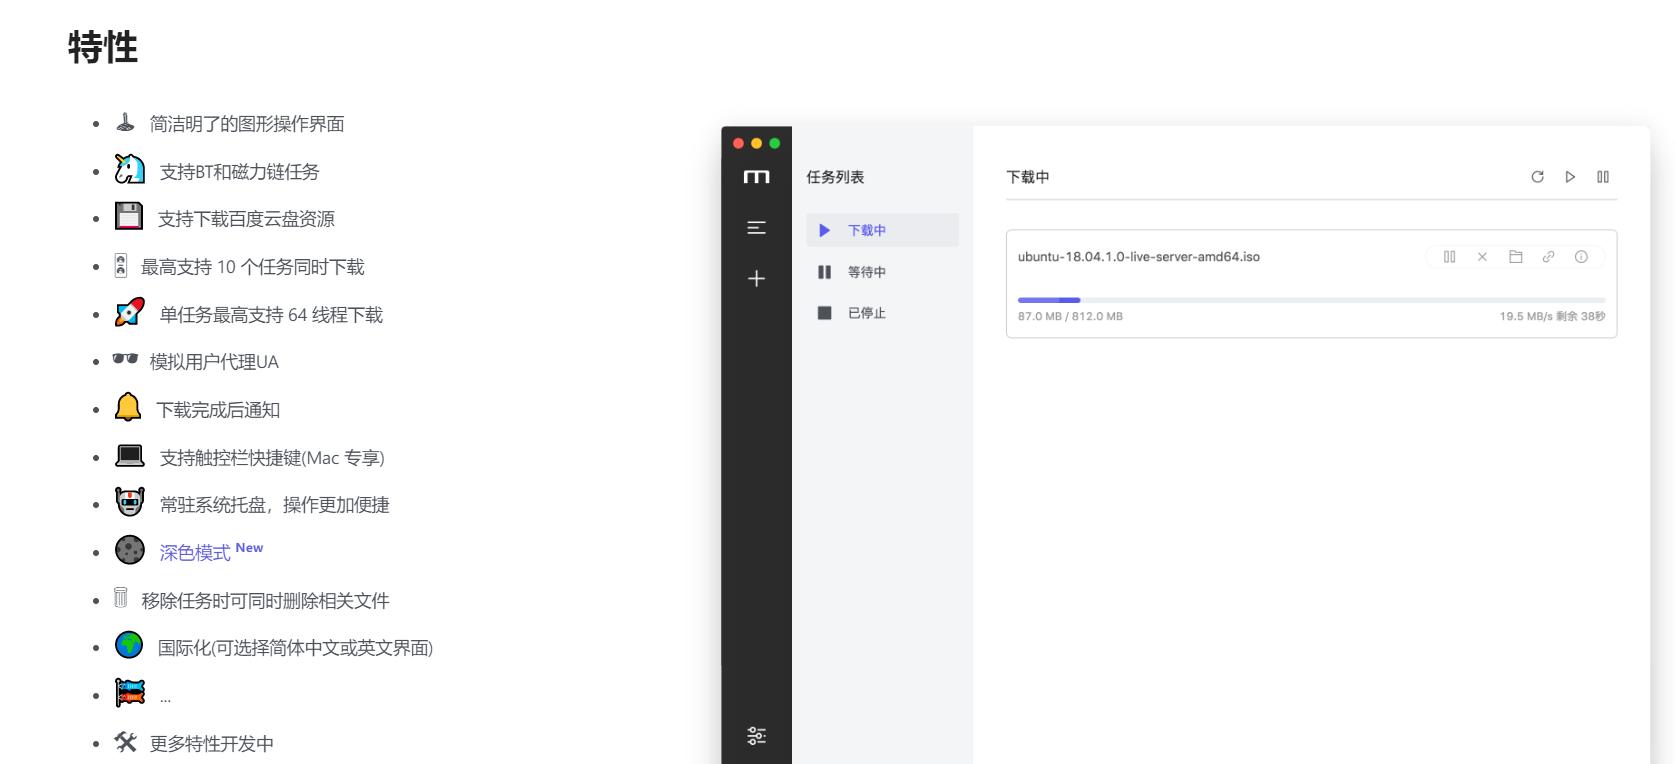 百度网盘不限速下载神器,整合(不定期更新)!-凡酷网  (fankuw.cn)  -  综合性资源分享平台网站